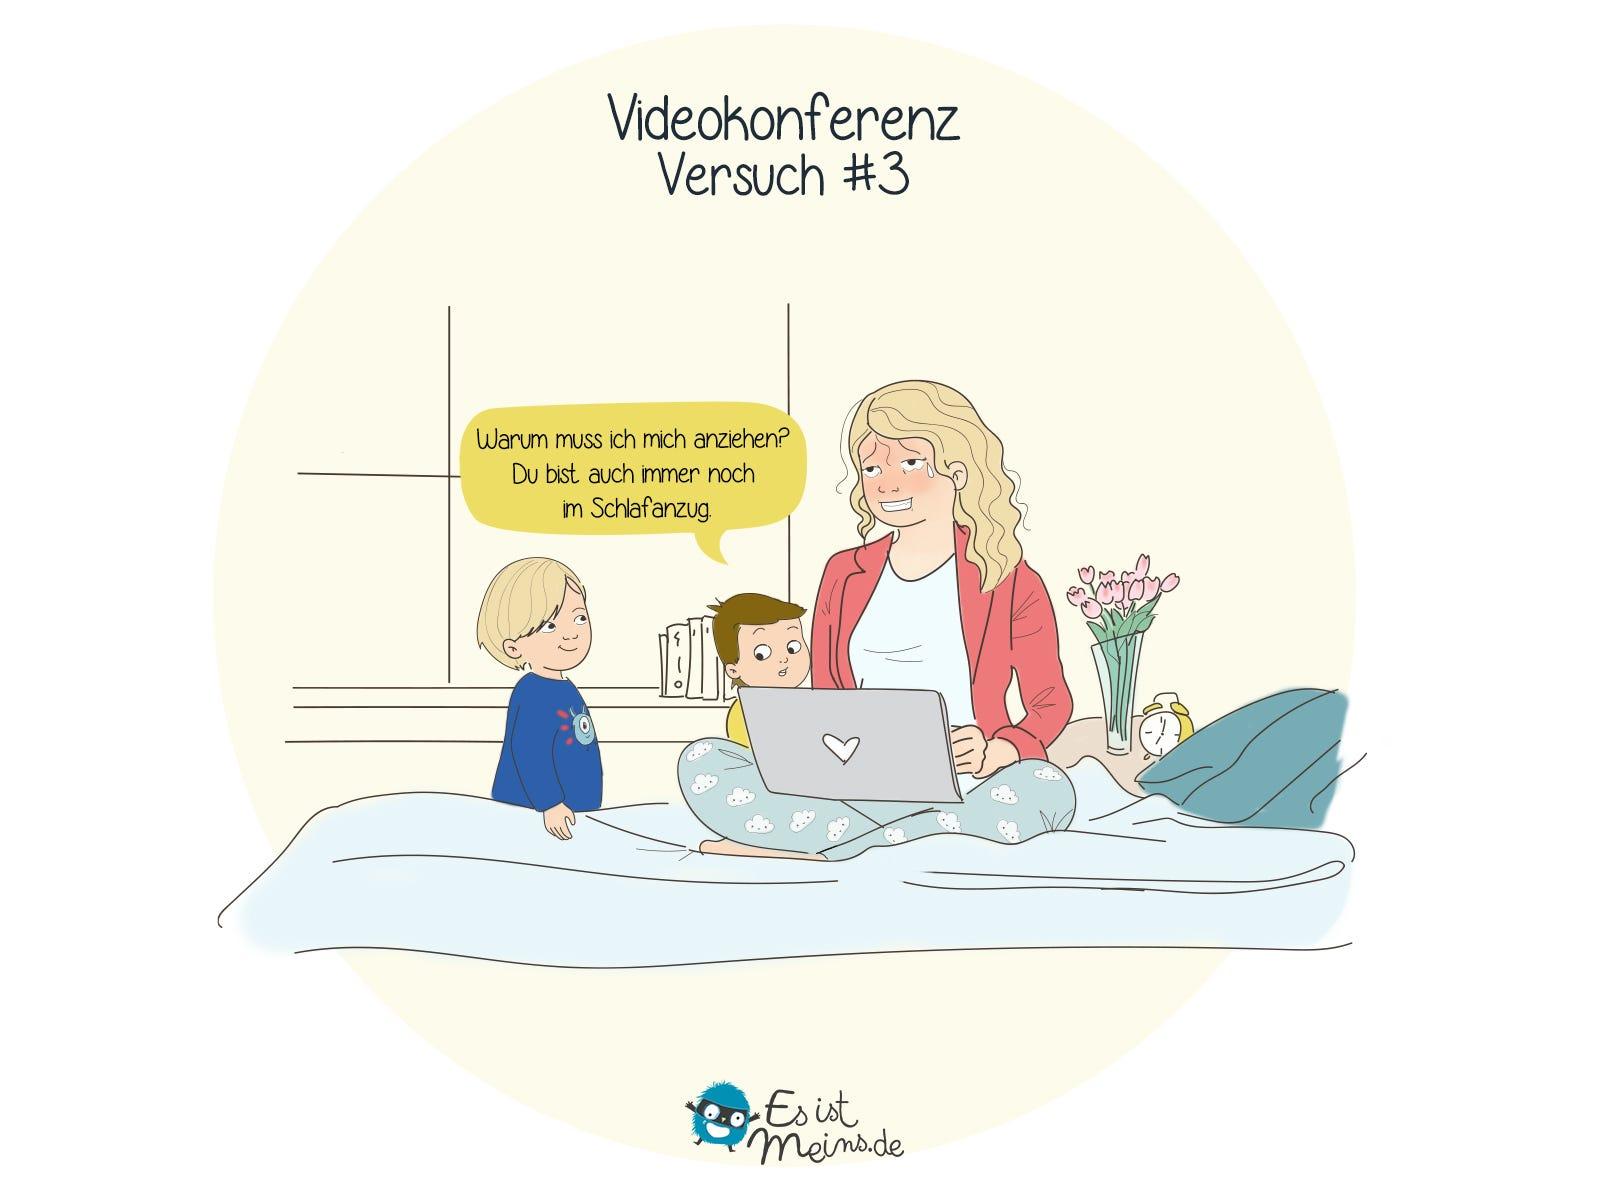 Videokonferenz mit Kindern: Versuche im Wohnzimmer dann in der Küche… Wir probieren das Schlafzimmer!